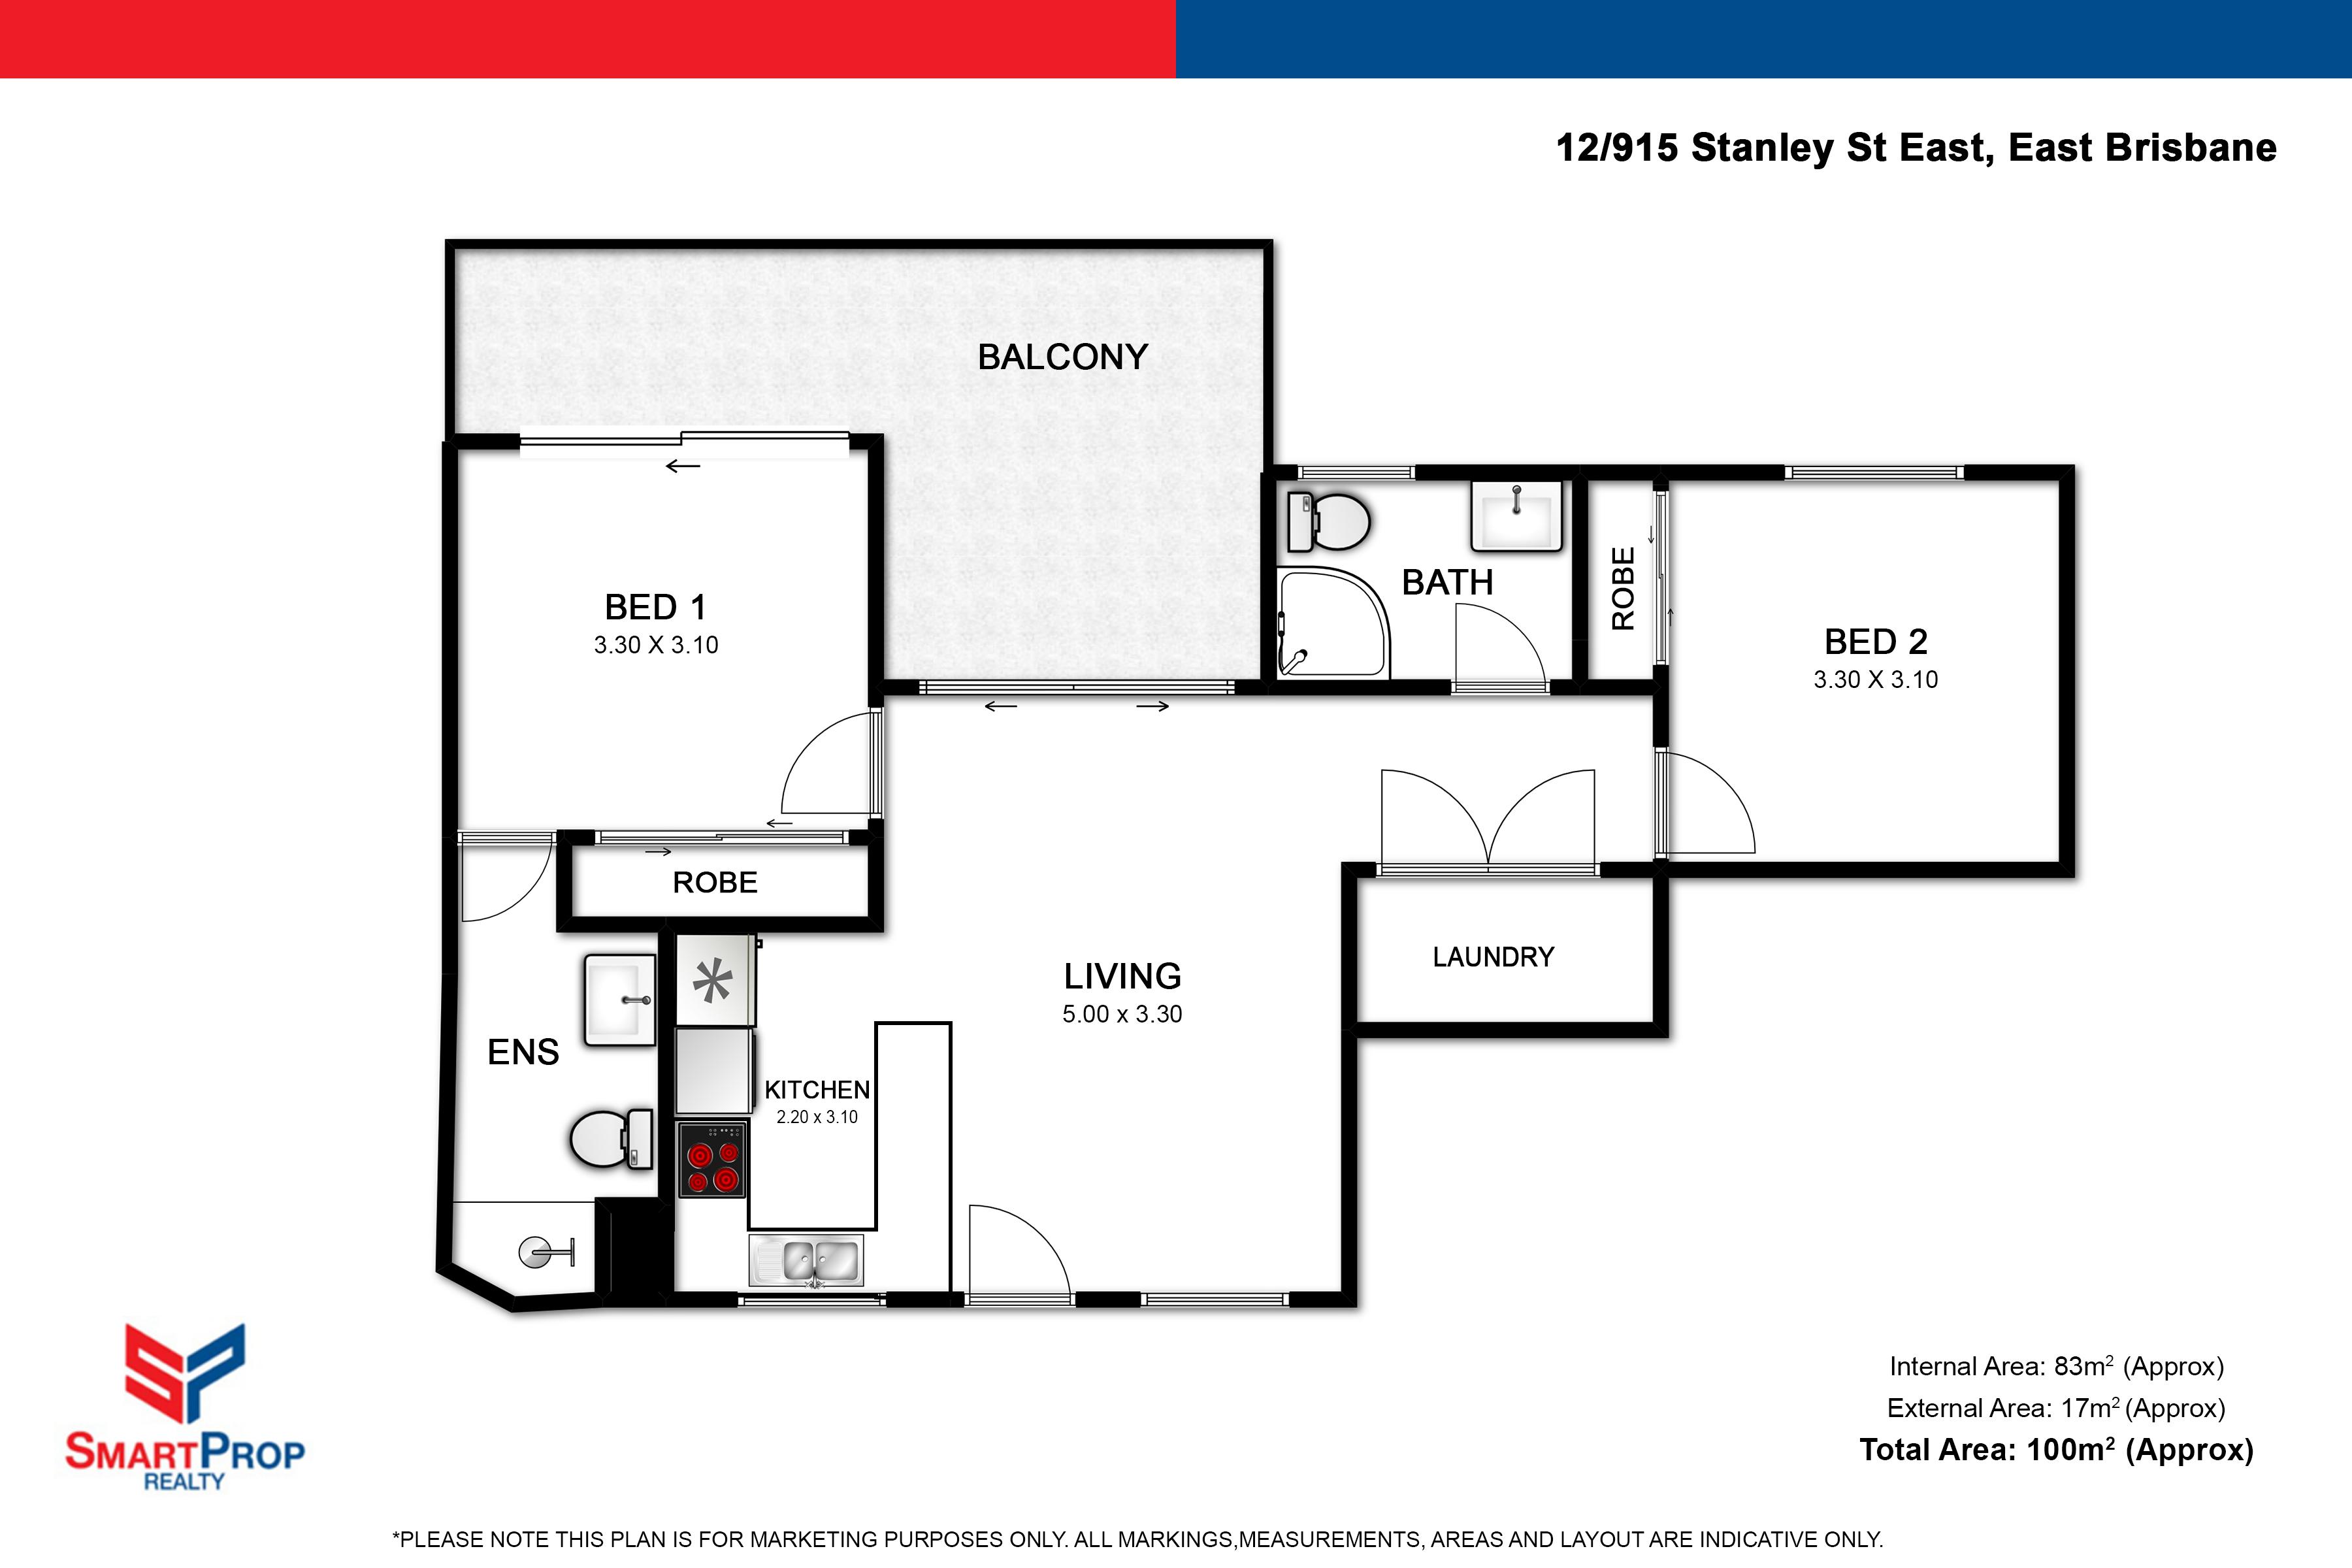 12-915-STANLEY-ST-Floorplan